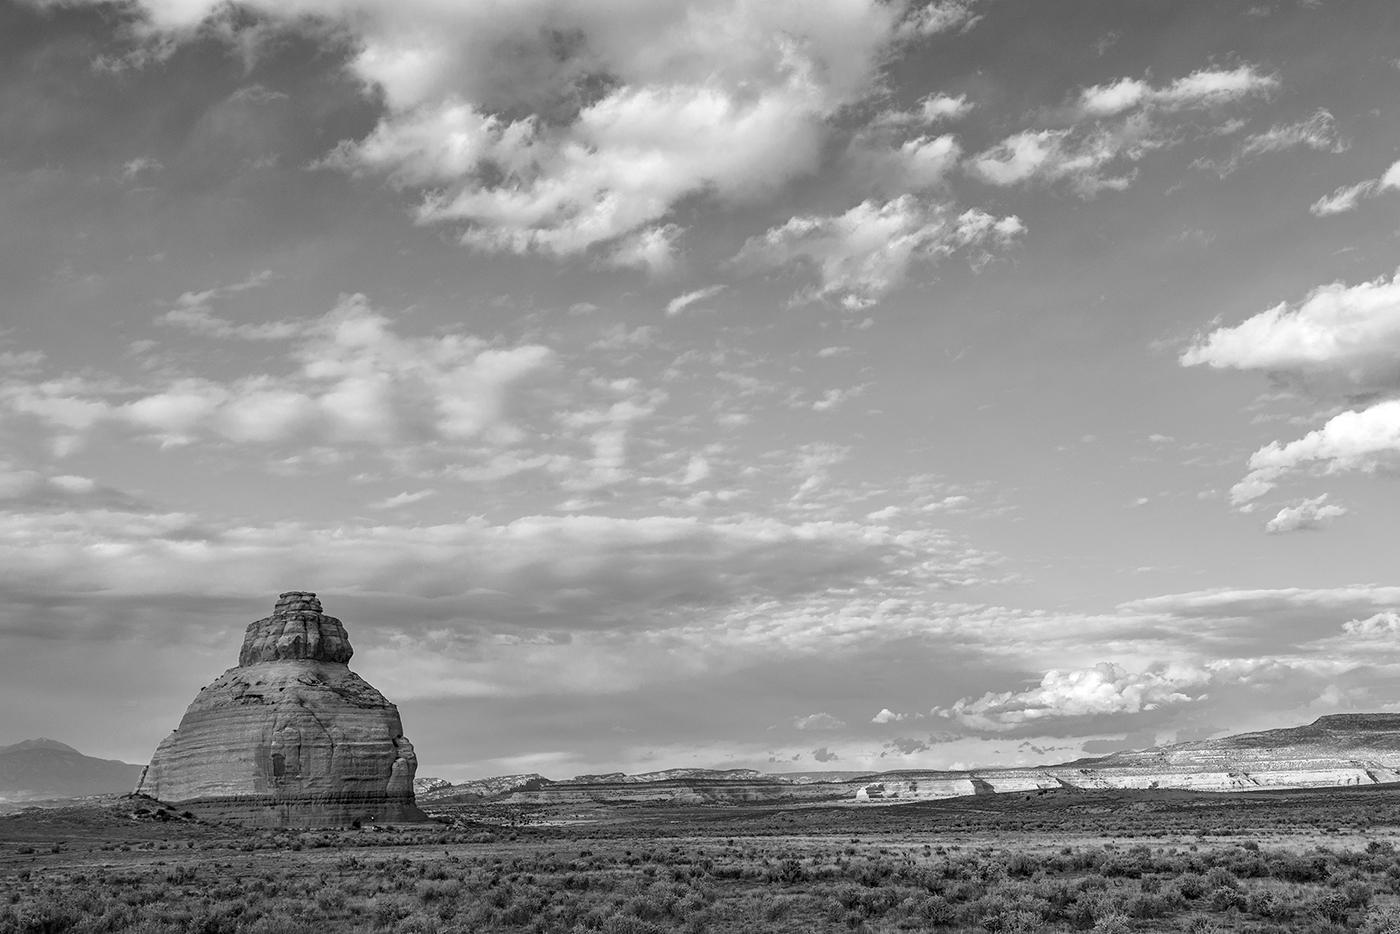 Church Rock, Route 191, Utah